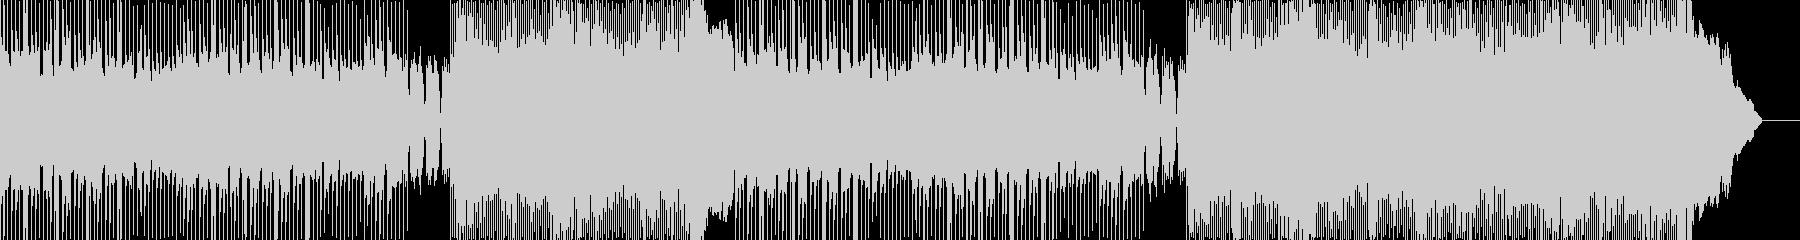 ヘヴィロック アクション 技術的な...の未再生の波形